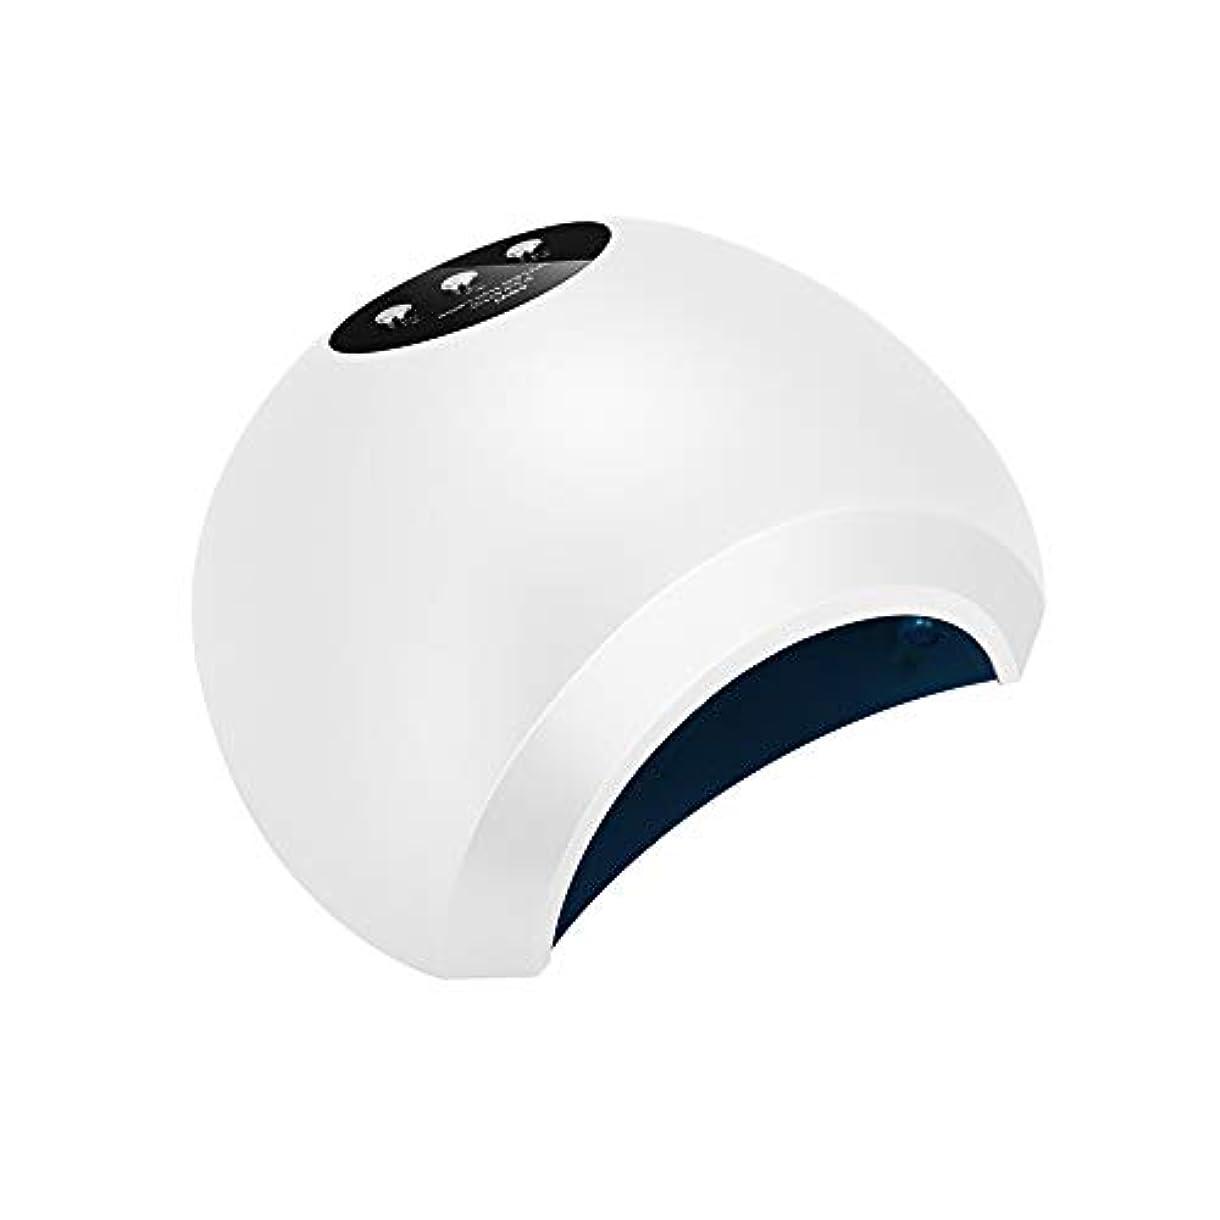 テレビを見るドリル警報ホーム初心者ネイルスマート光療法機LEDディスプレイインテリジェント誘導デュアル光源速乾性光線療法ランプネイルライト